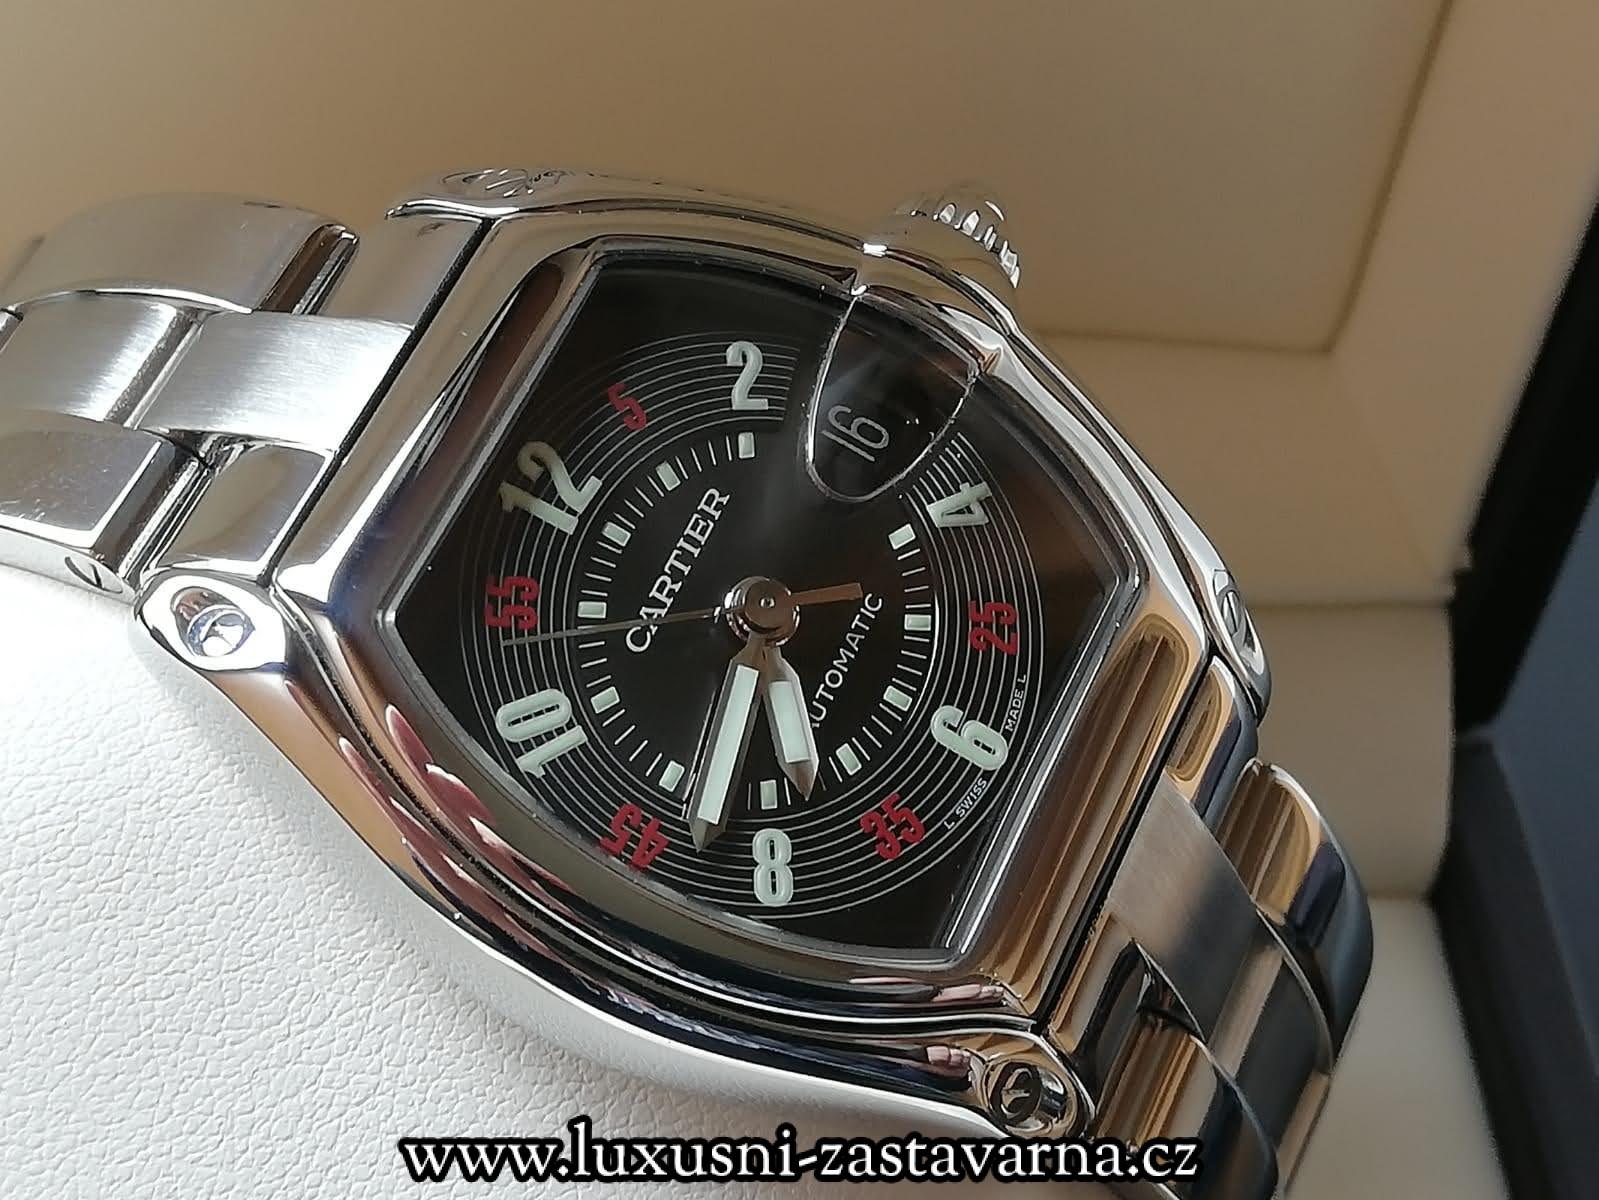 Cartier_Roadster_referenční_číslo_W62002V3_09